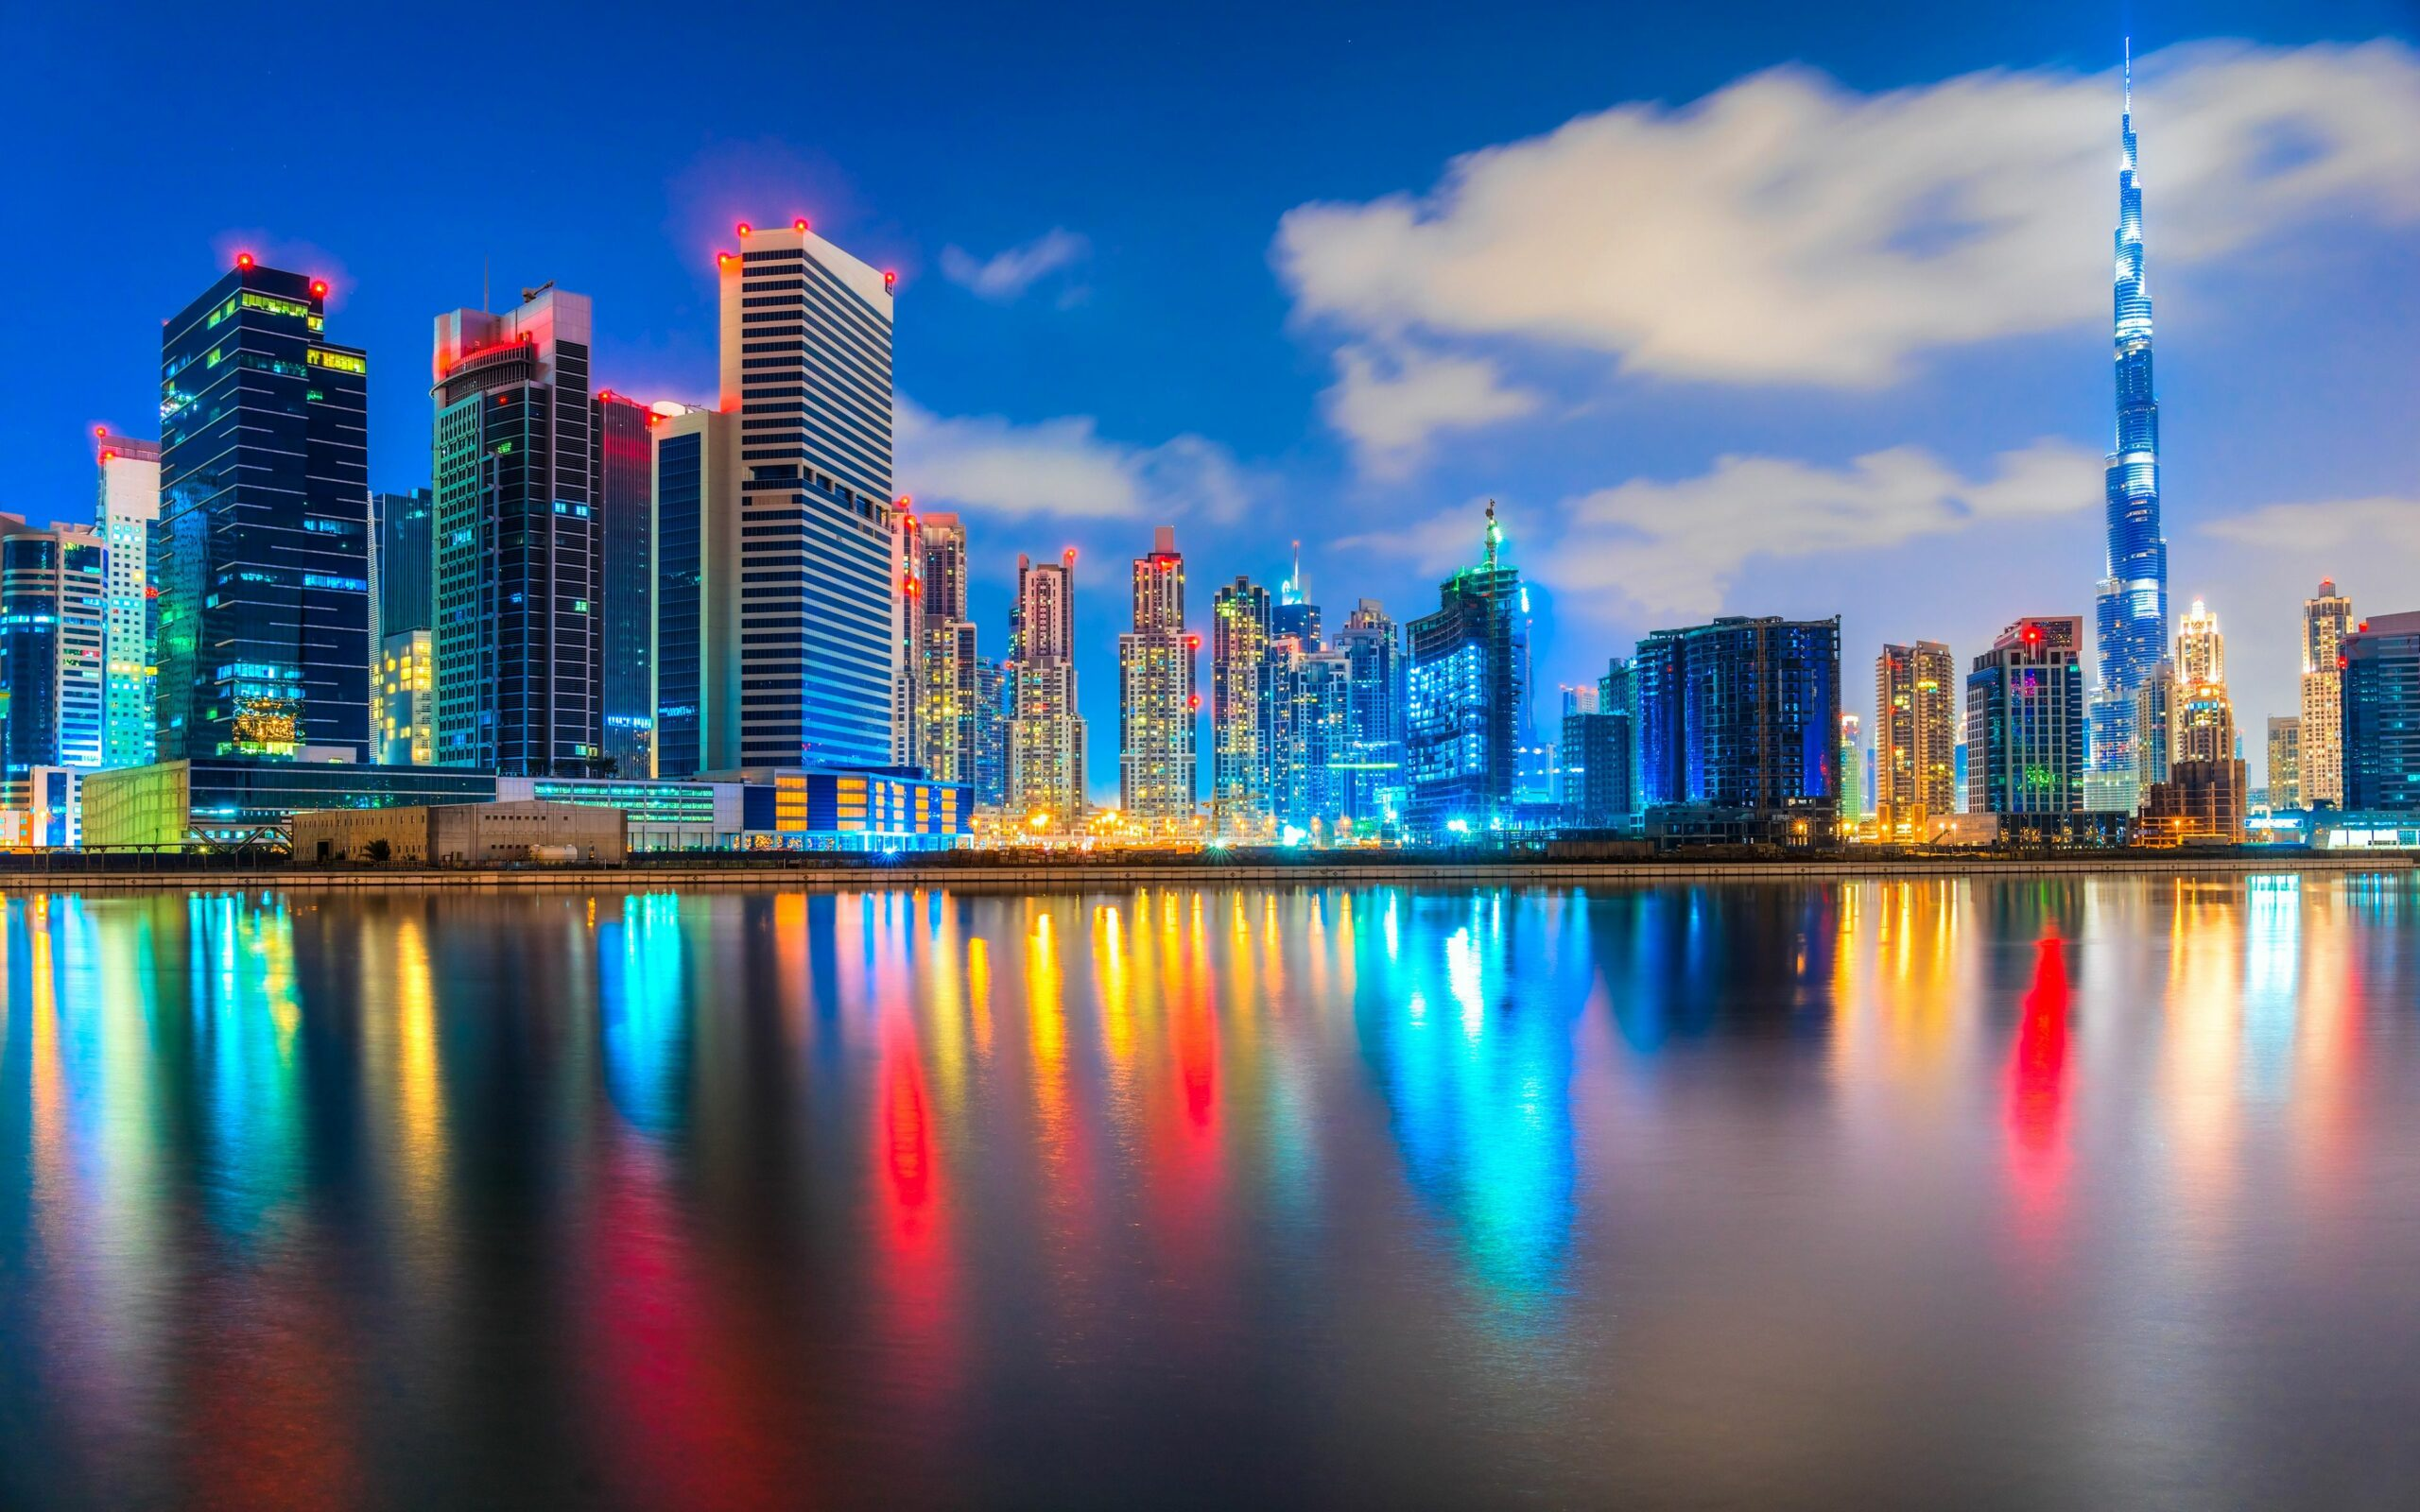 Motorimport importation vehicule dubai importer un vehicule a dubai import auto motorimport35 scaled - Avantages et inconvénients d'importer une voiture à Dubaï